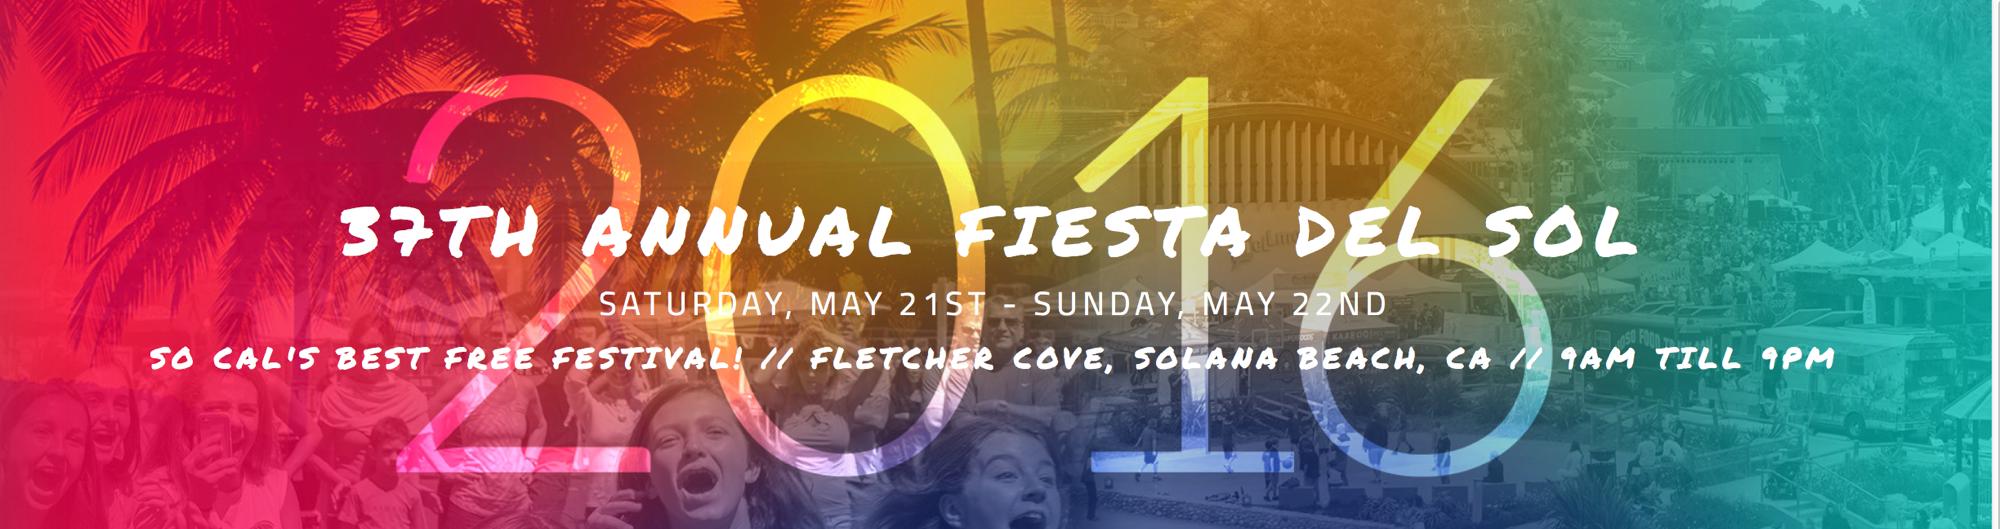 Fiesta2016.png